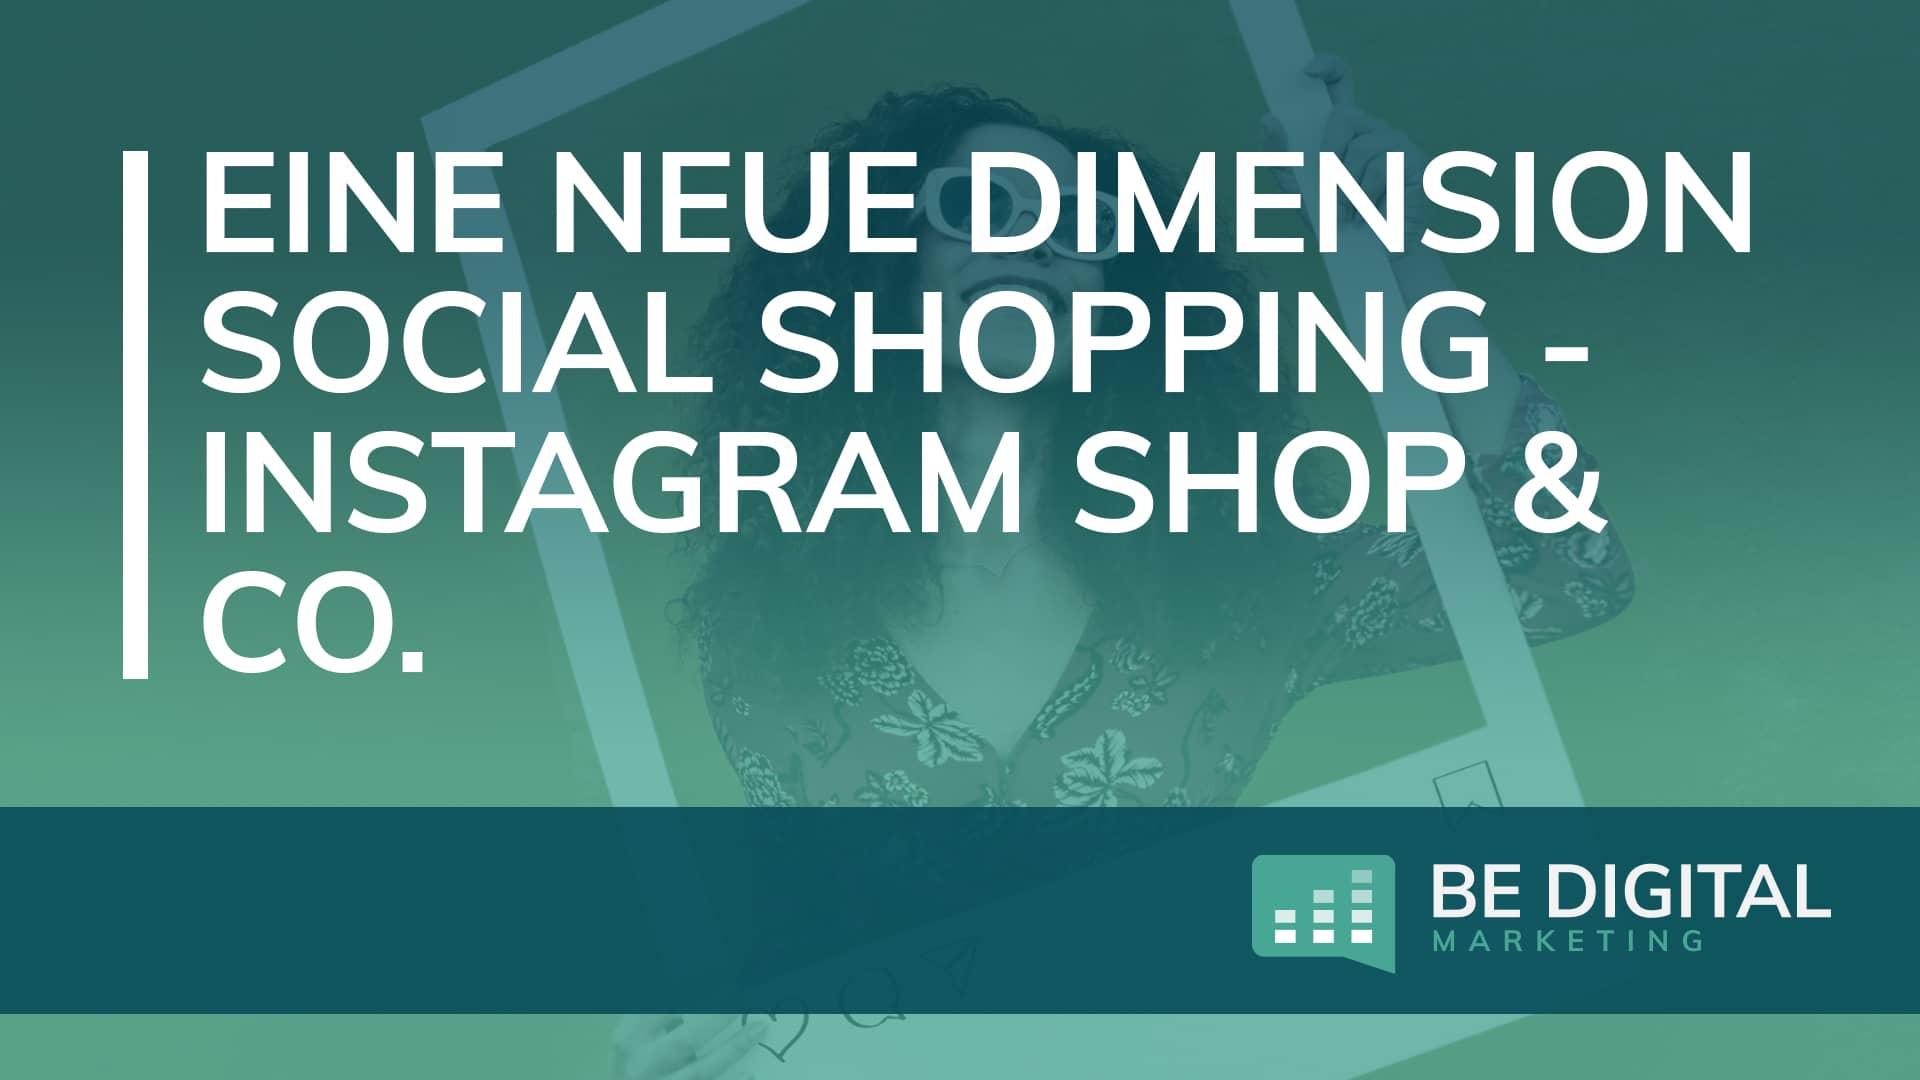 Eine neue Dimension Social Shopping mit Instagram Shop & Co.